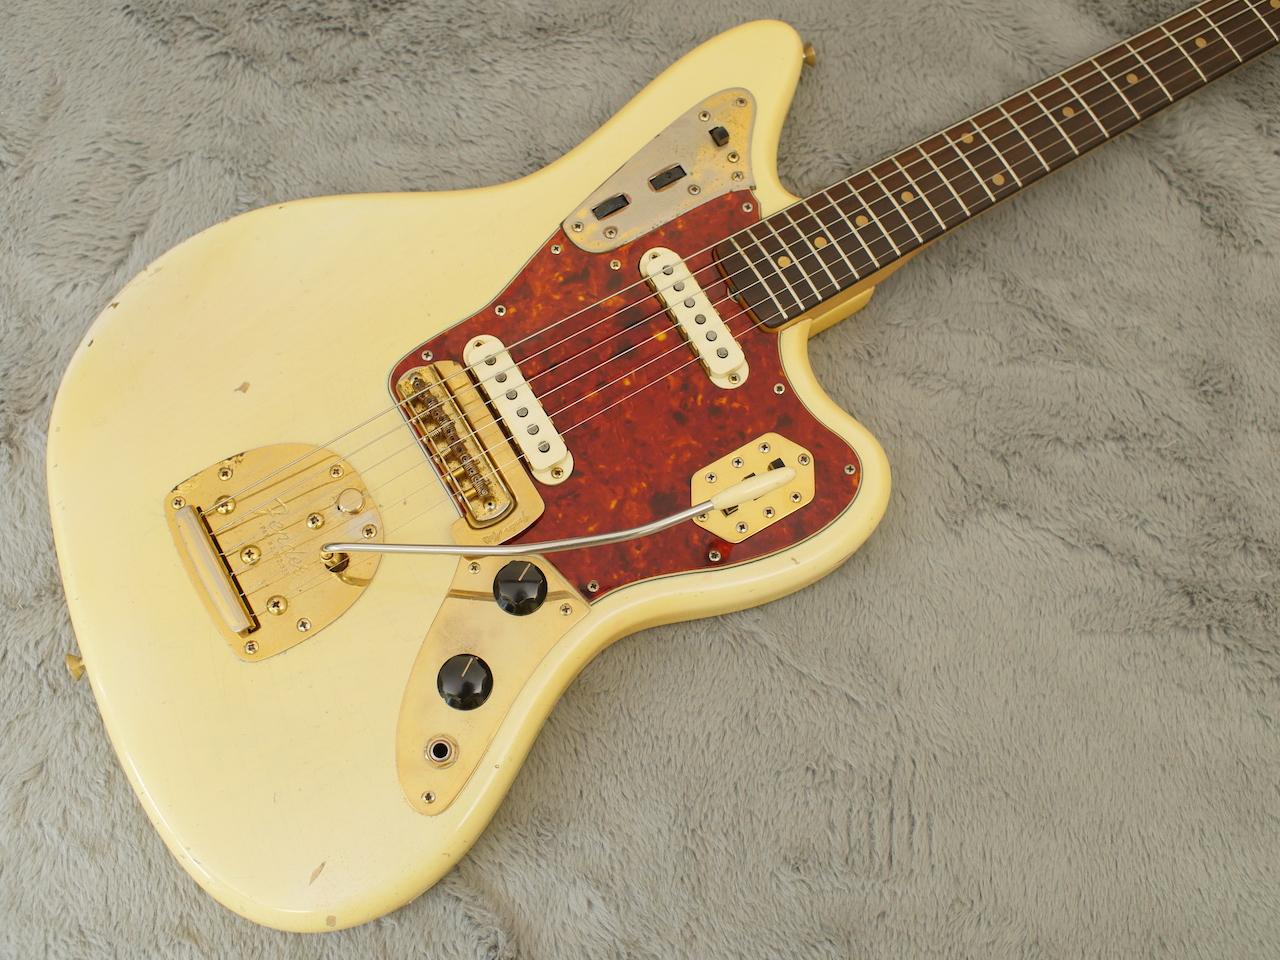 1963 Feder Jaguar Blonde Gold Hardware